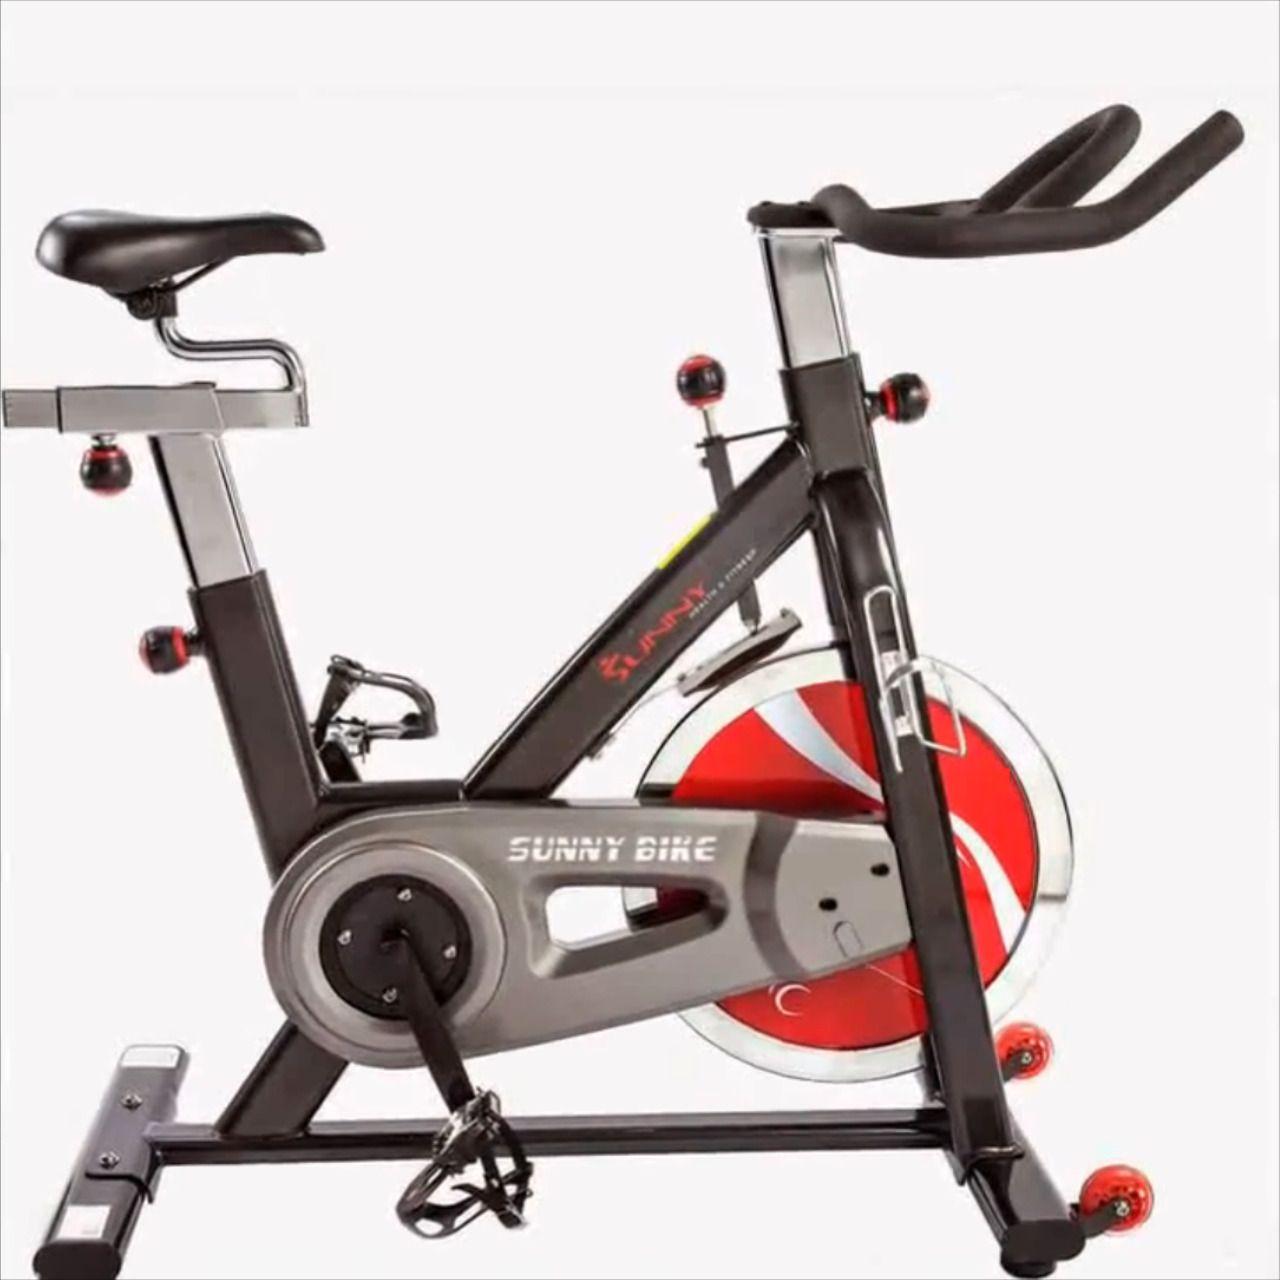 Elliptical Vs Stationary Bike Exercise Bike Target Kmart